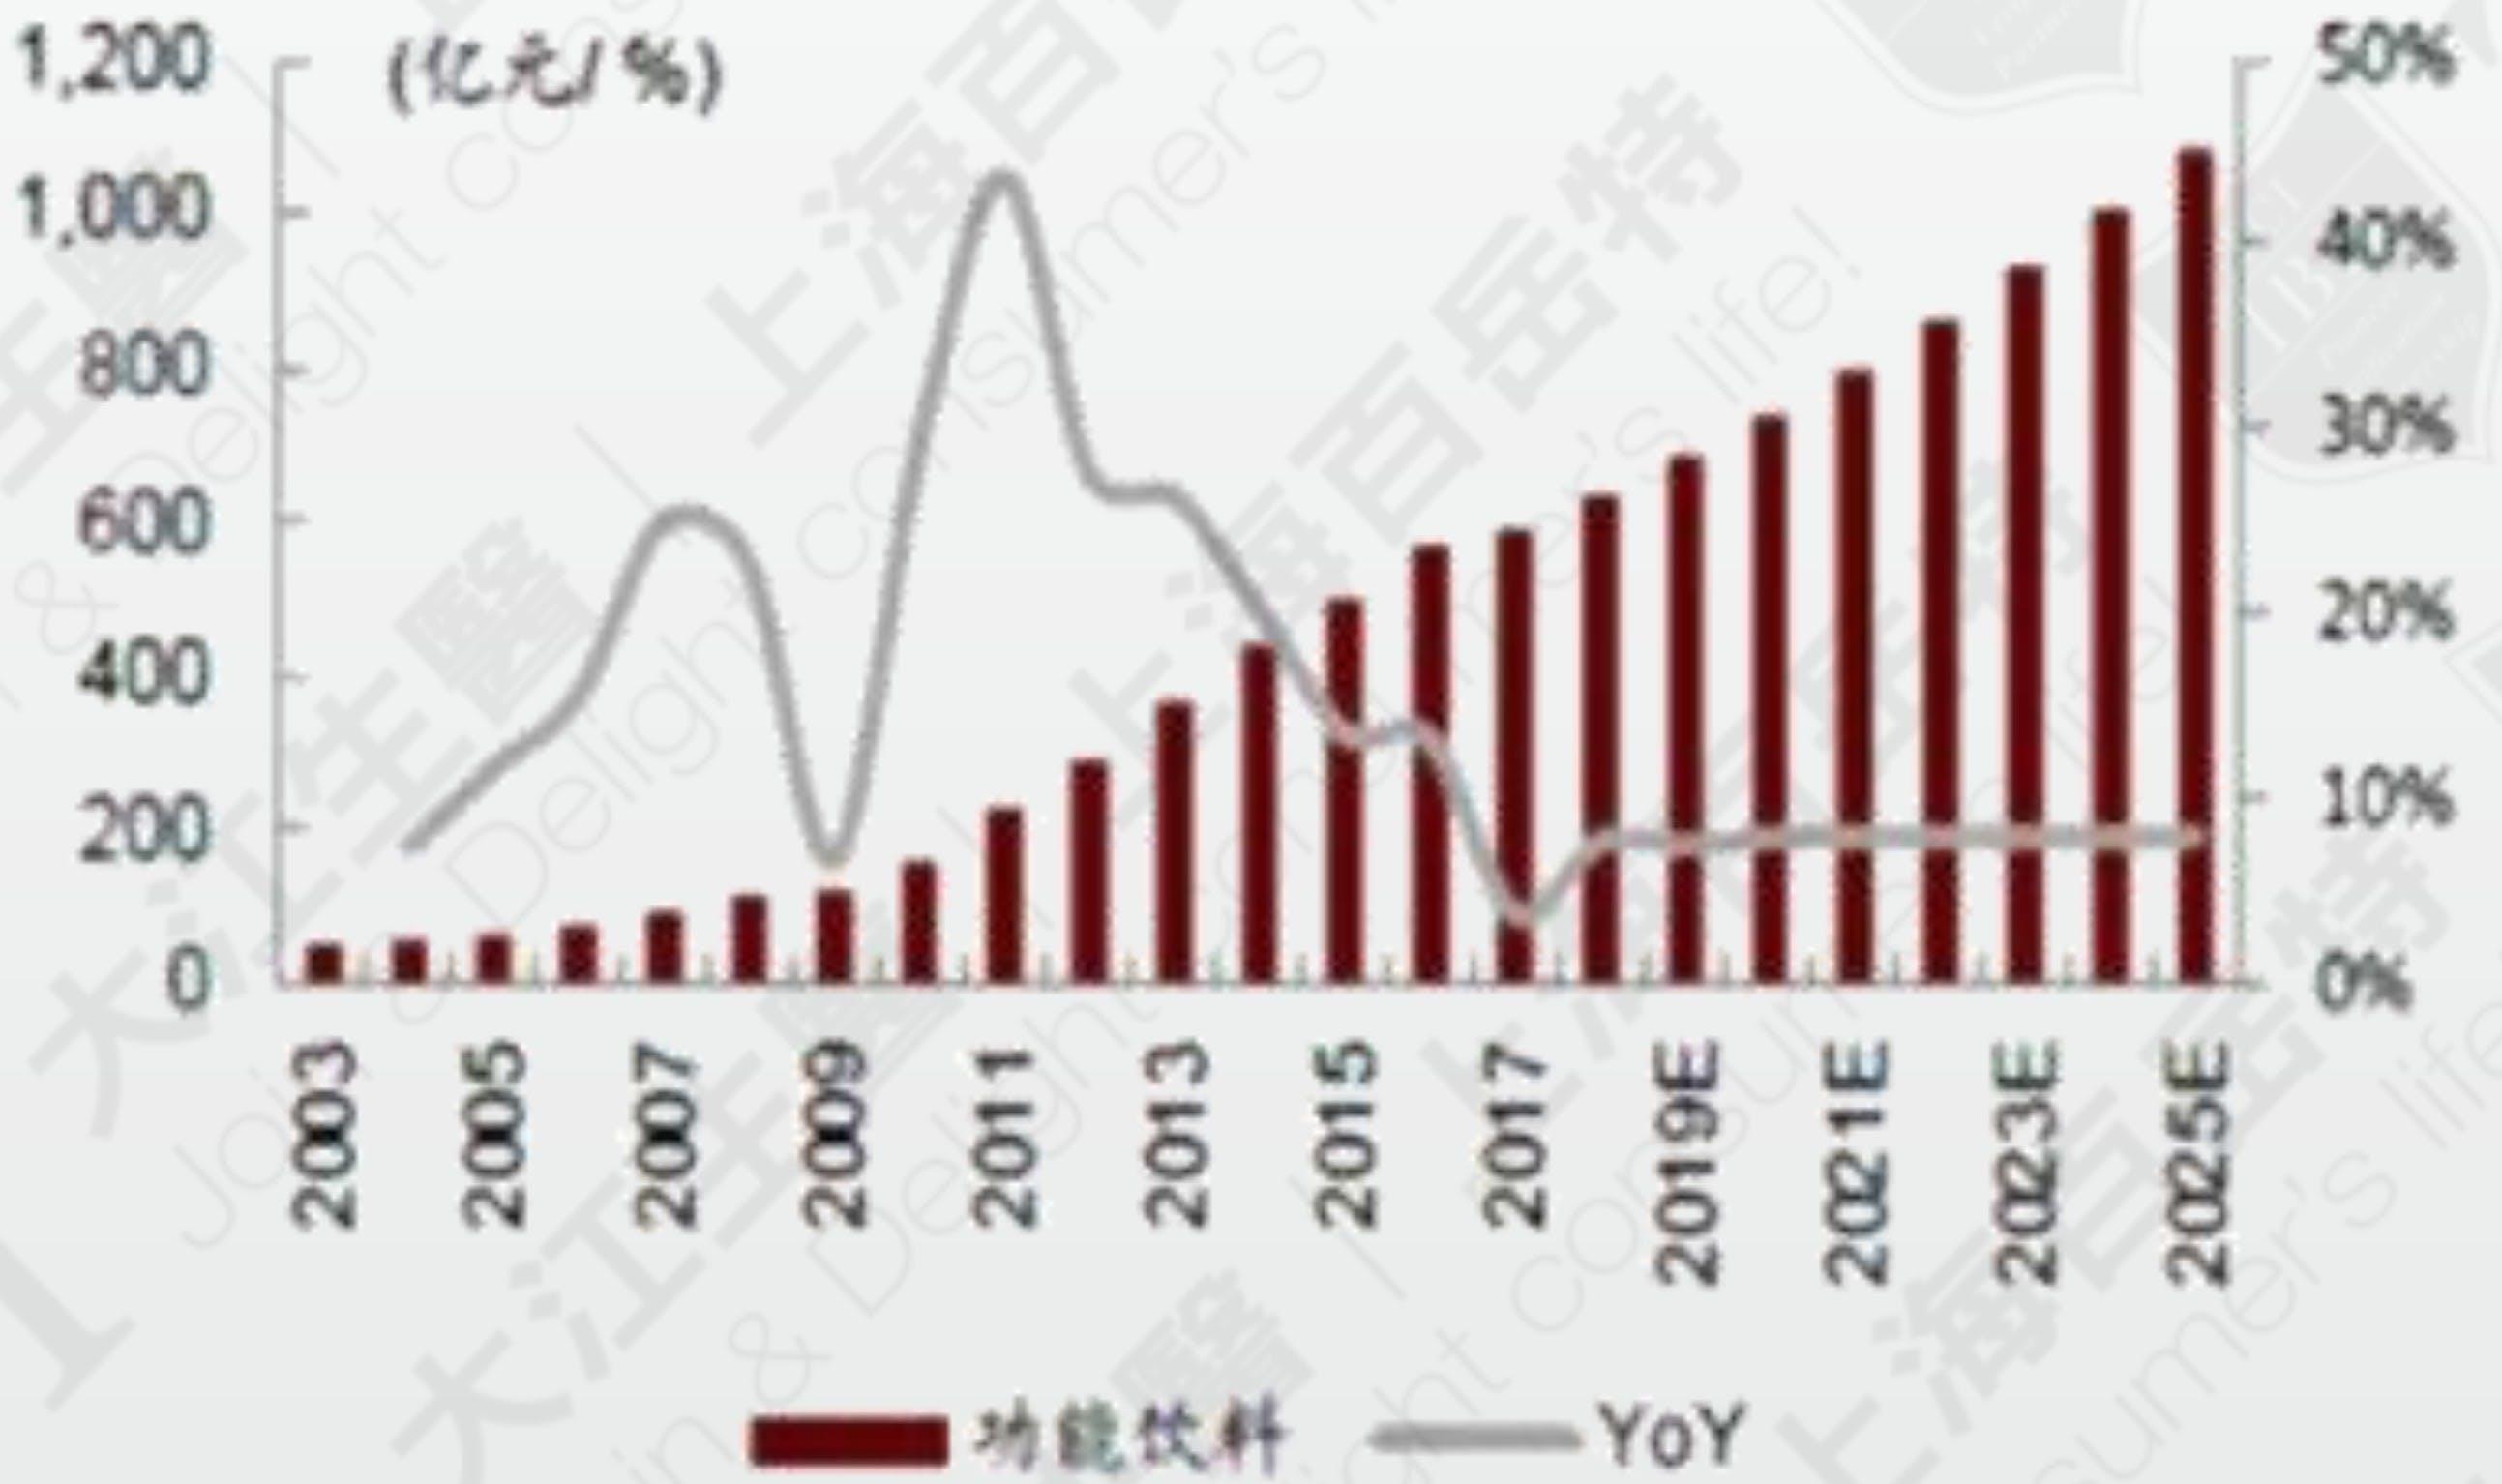 中国功能性饮品市场规模与趋势(2017) 资料来源: Euromonitor